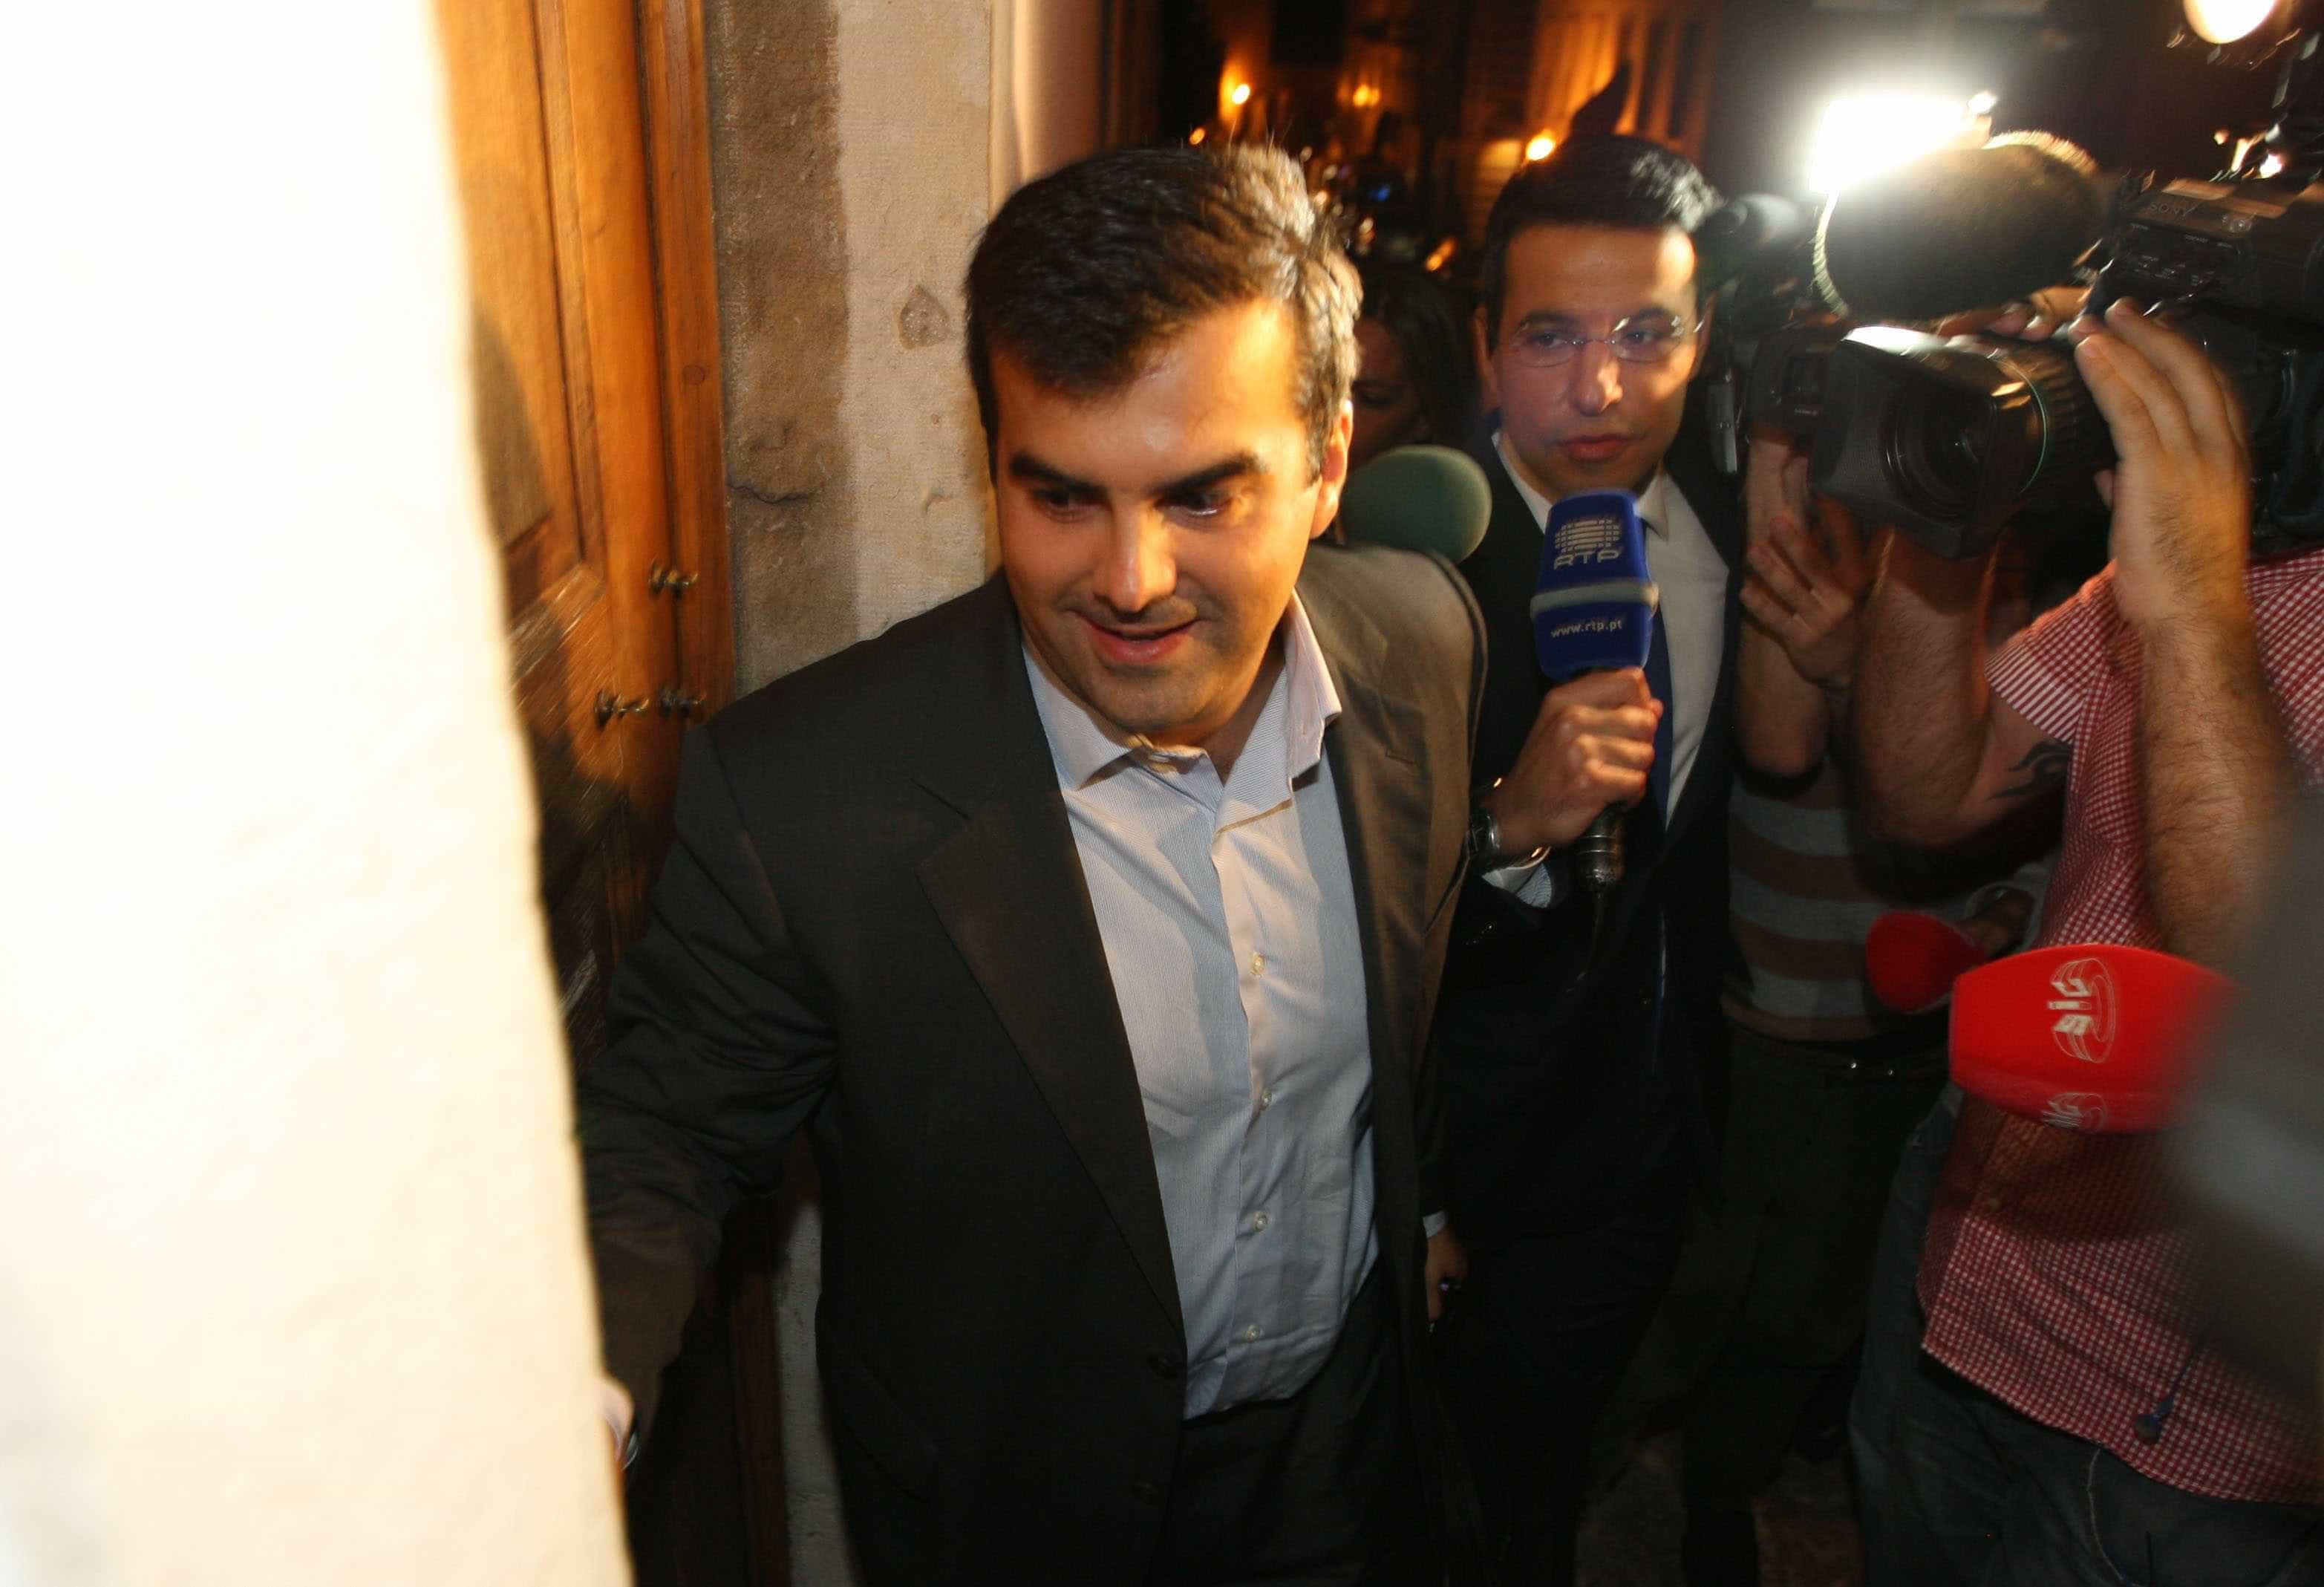 """Governo tentou """"mentir aos portugueses"""" e colocou links errados em portal"""